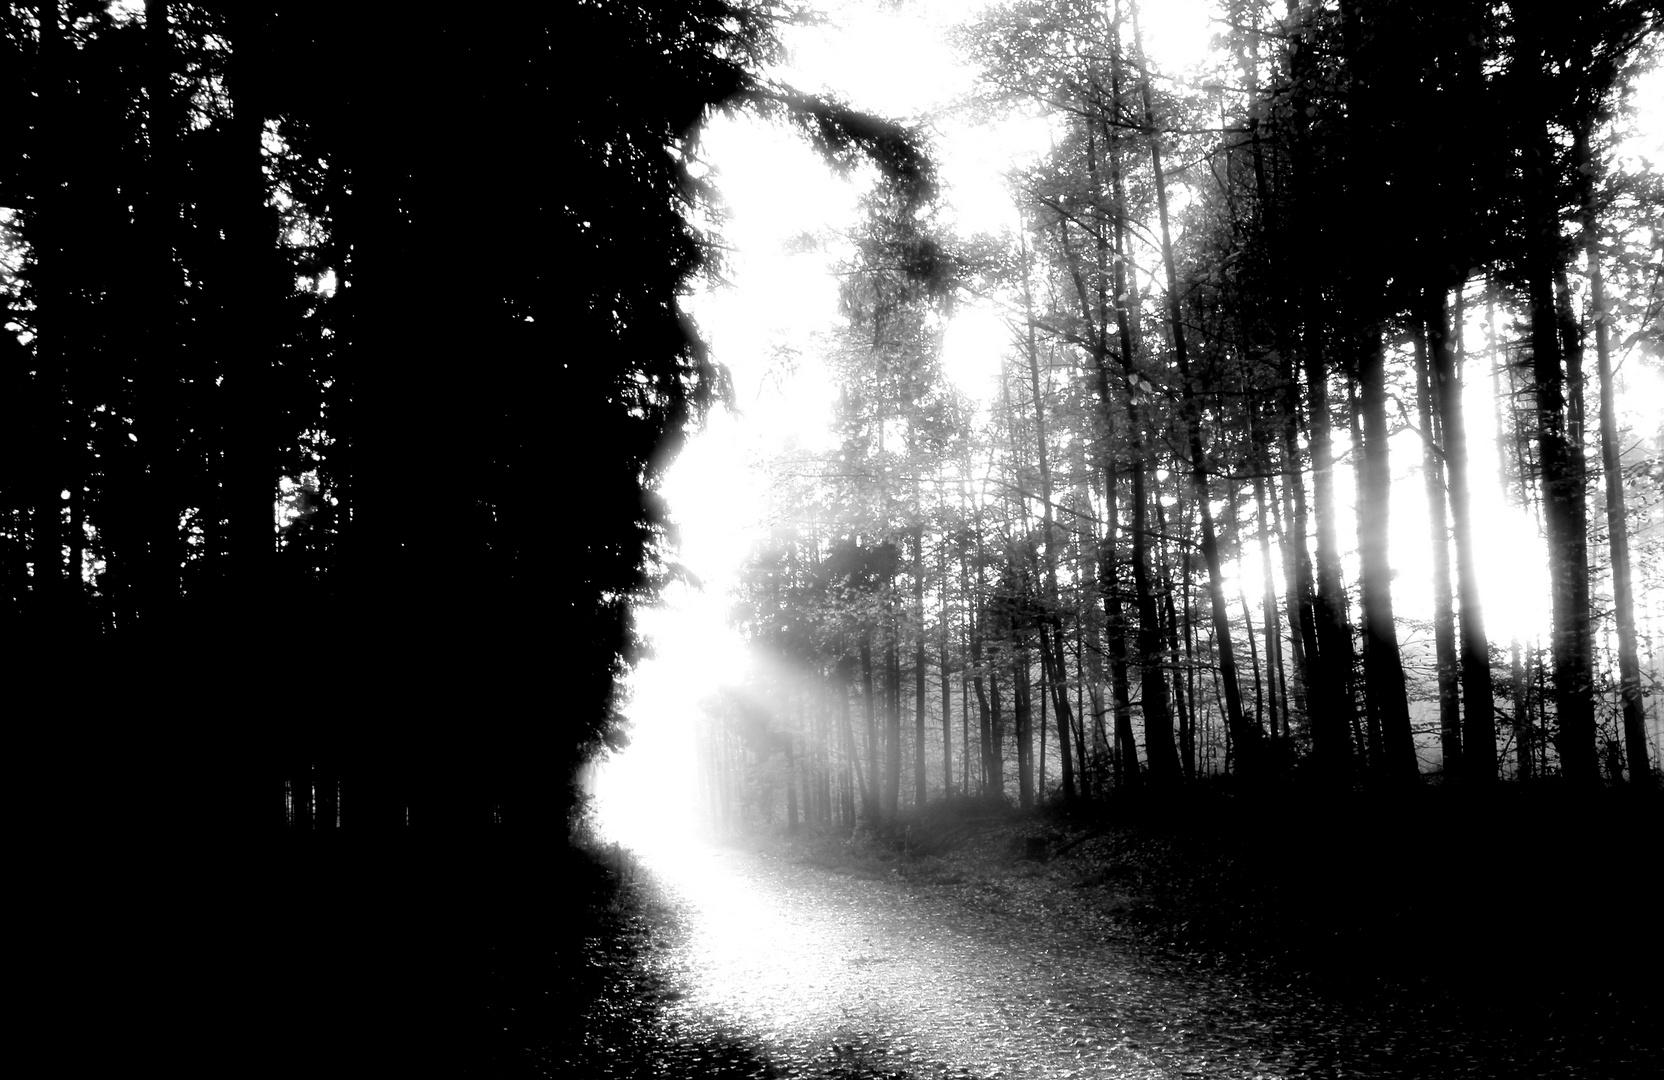 Das Licht teilt den Wald